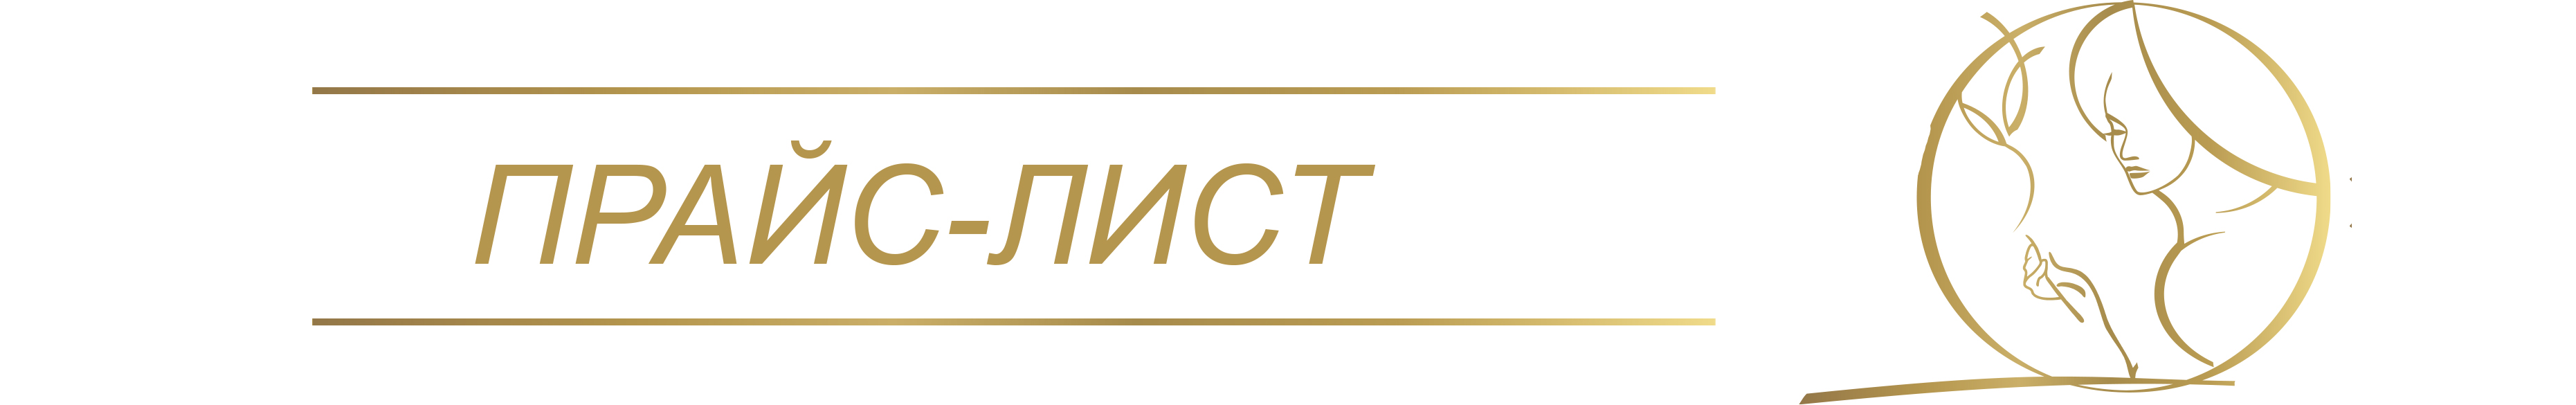 Цены на услуги салона Атмосфера красоты в Екатеринбурге